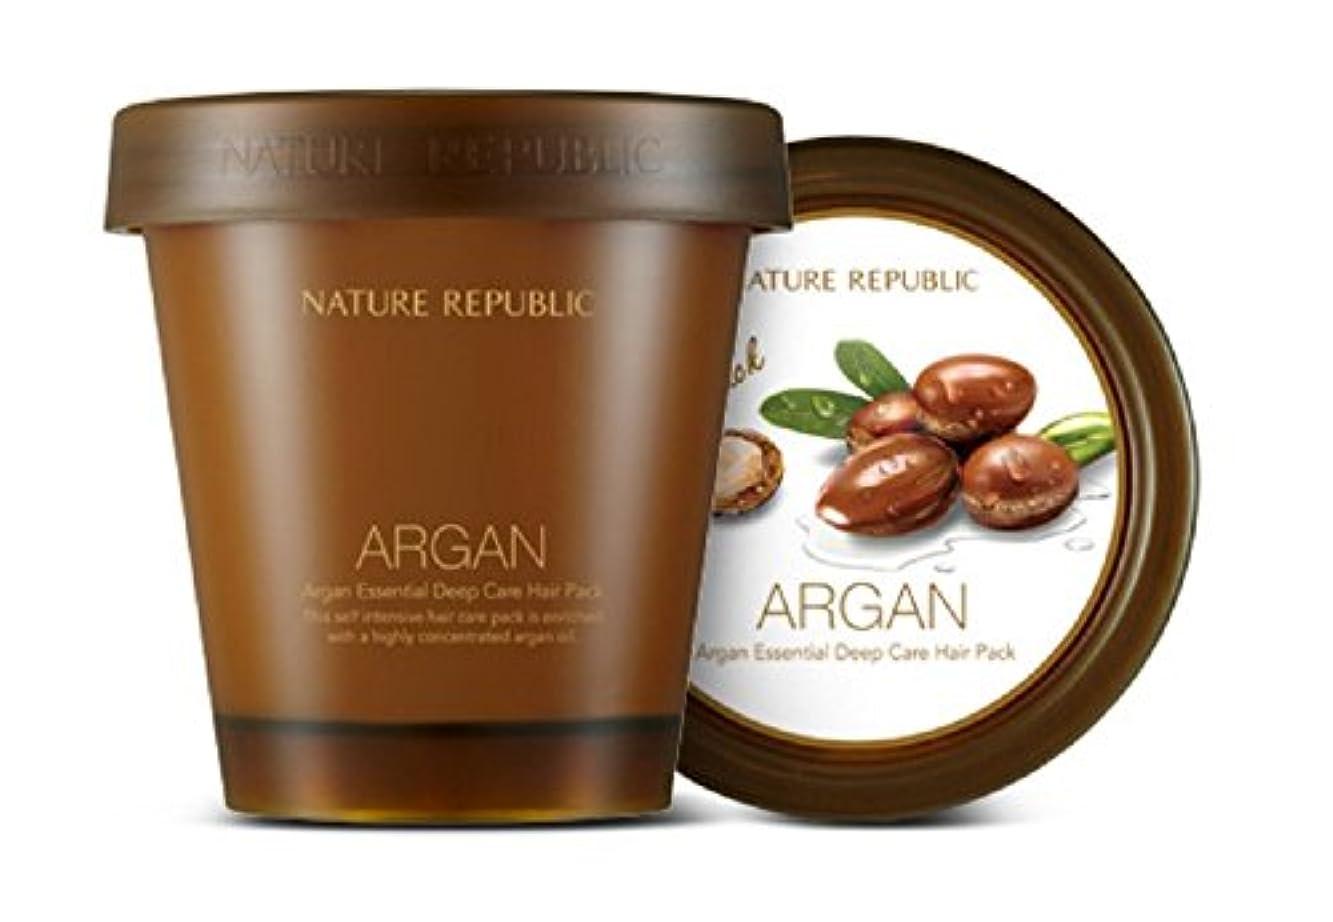 フォロー干し草肩をすくめる【Nature Republic】アルガンエッセンシャルディープケアヘアパック(200ml)ARGAN ESSENTIAL Deep Care Hair Pack